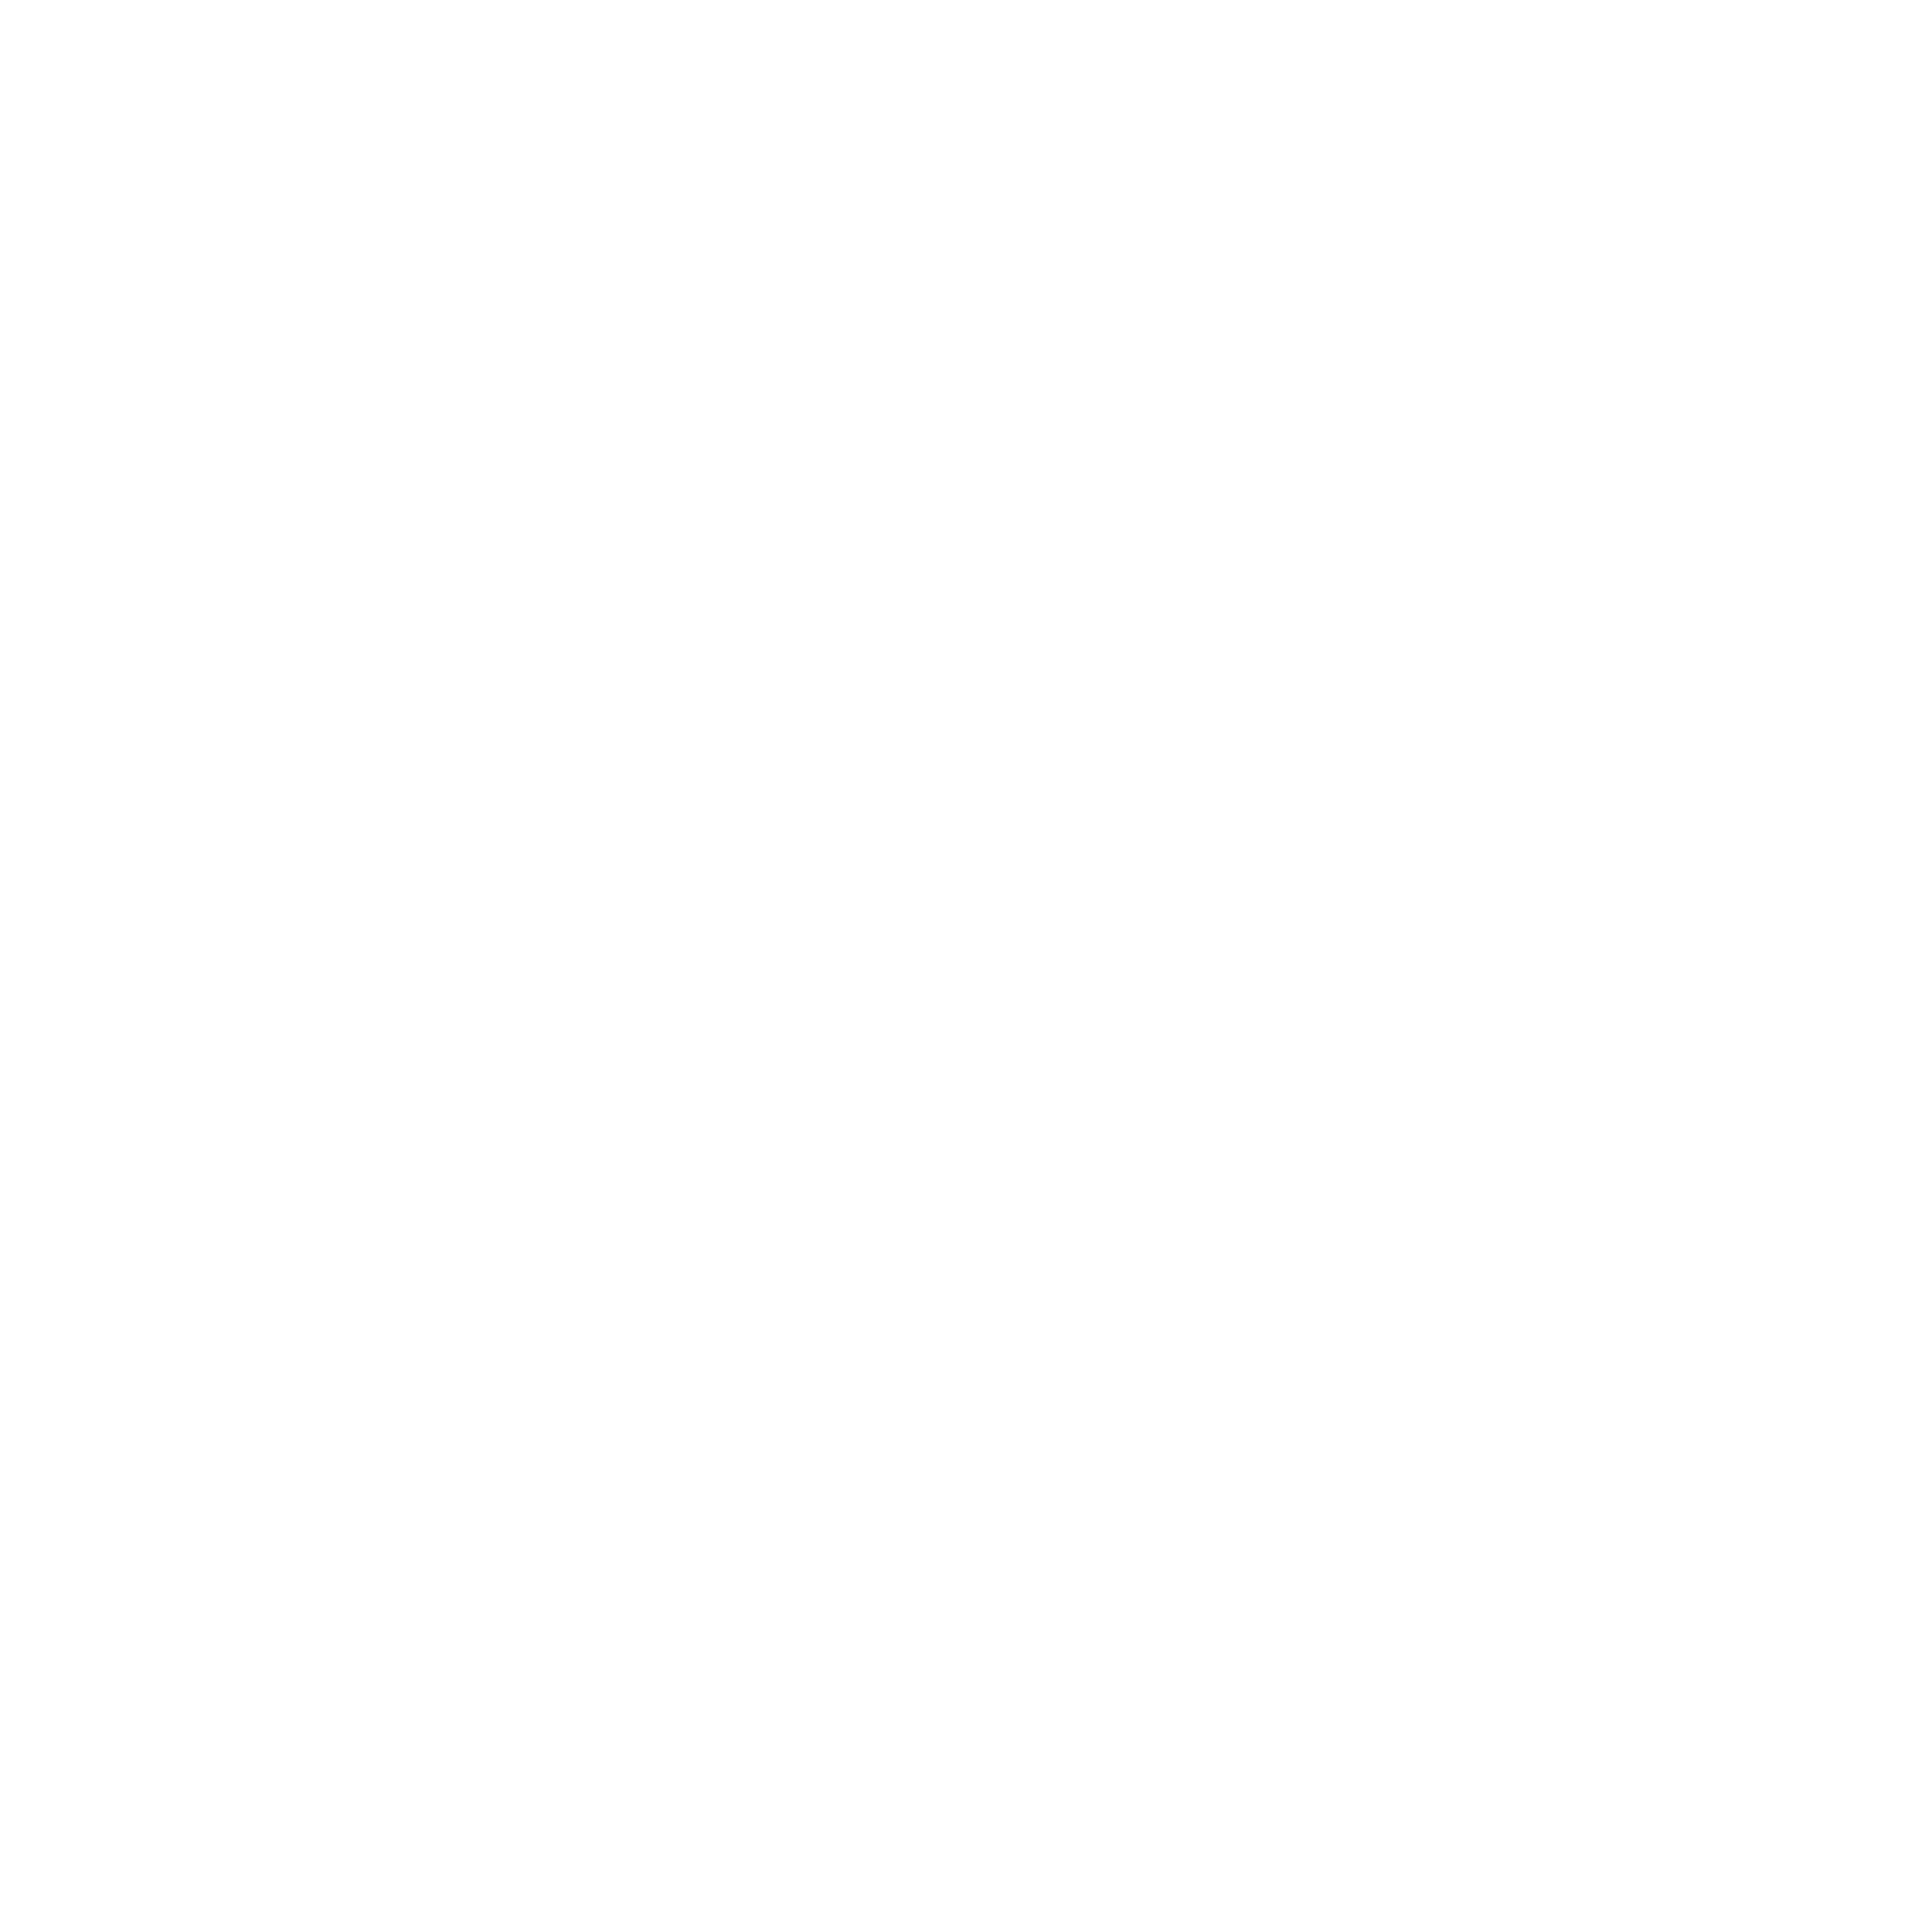 logo CE dispositif médical classe 1